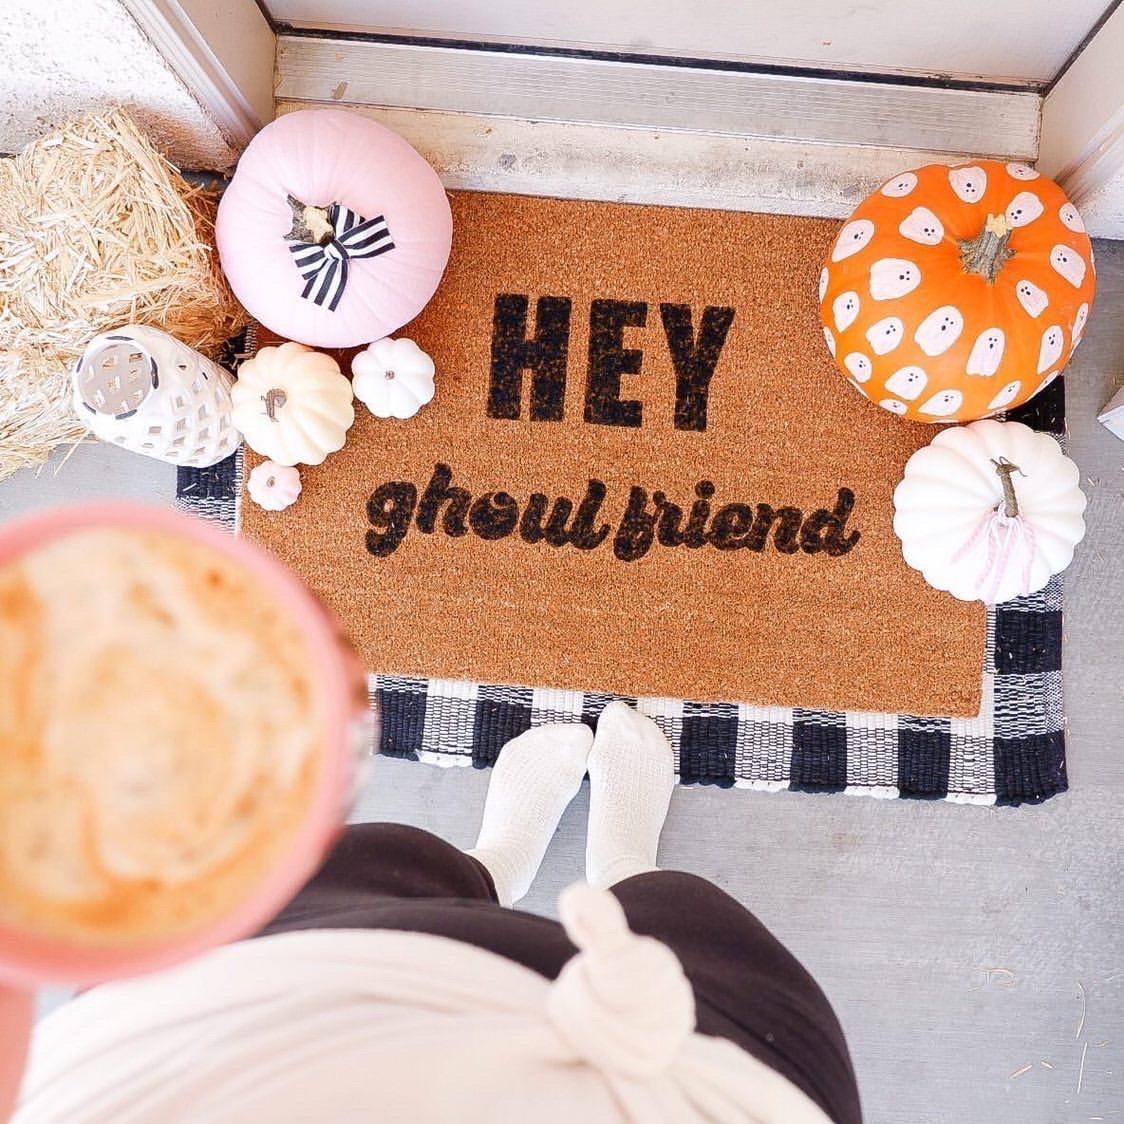 Hey Ghoulfriend halloween doormat DIY project